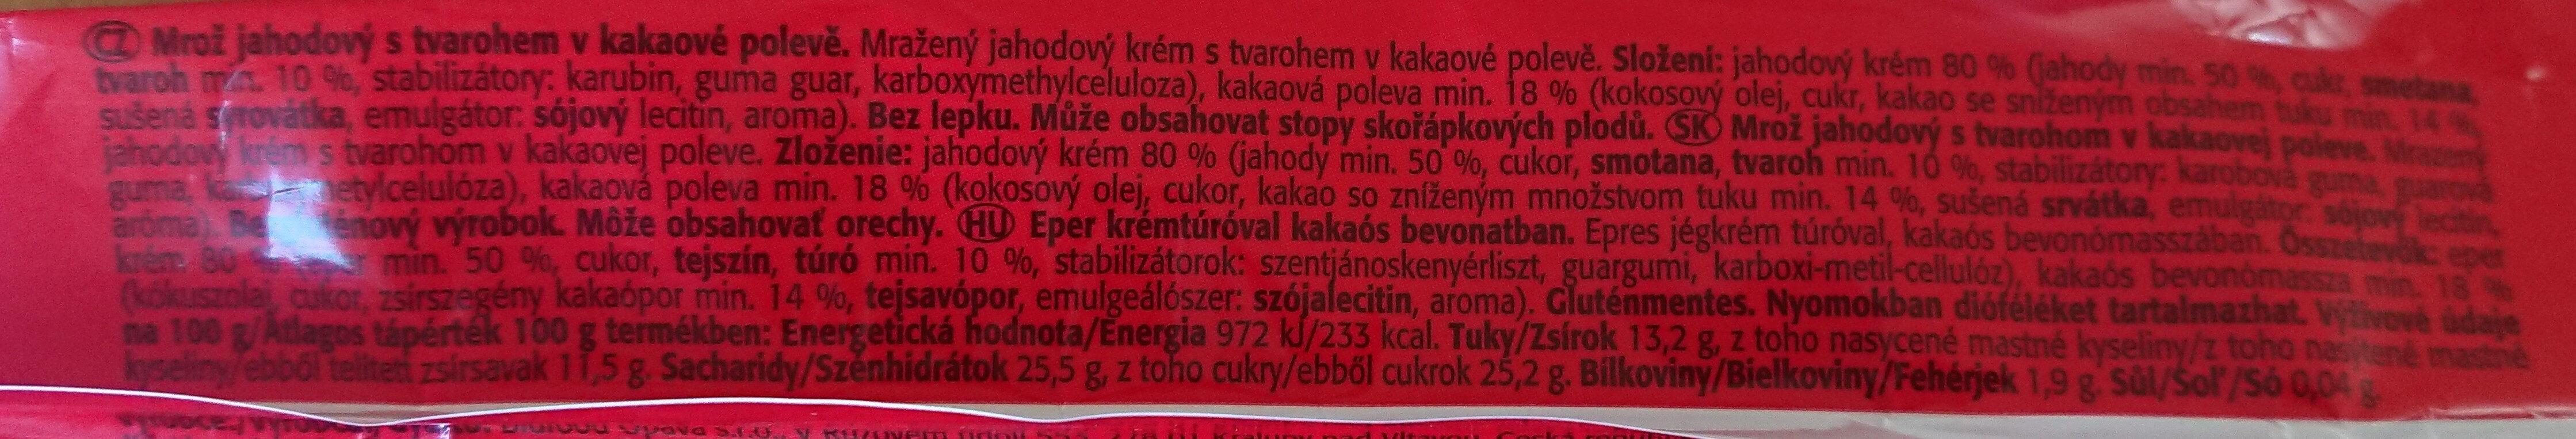 Mrož jahodový s tvarohem - Ingrédients - cs